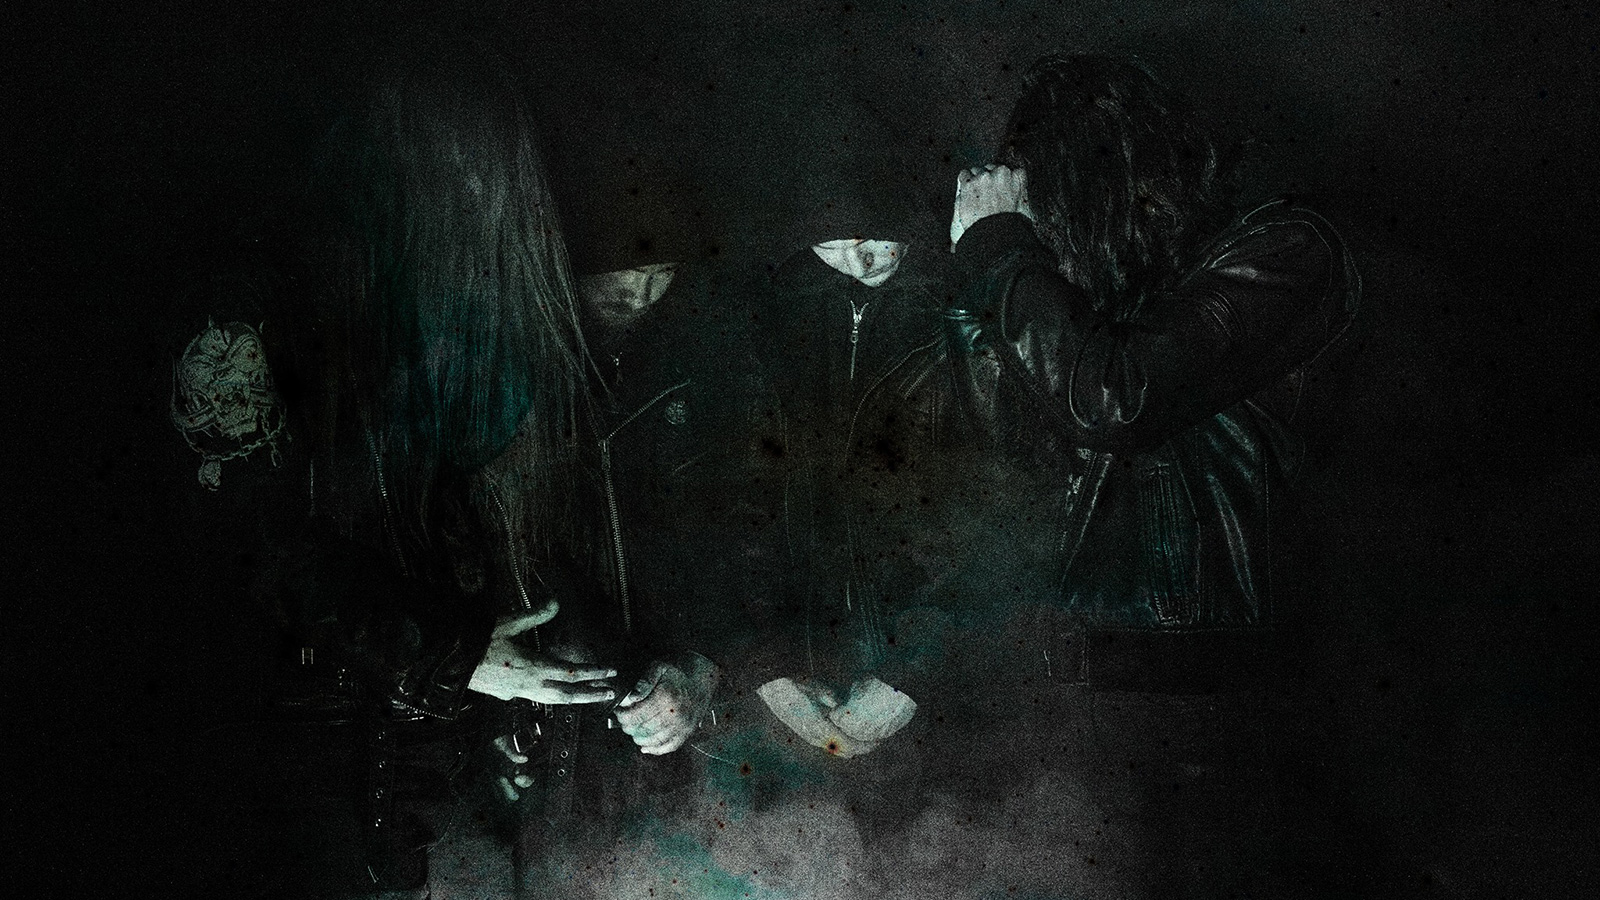 芬蘭死亡末日金屬 Krypts 新專輯主題曲釋出 Cadaver Circulation